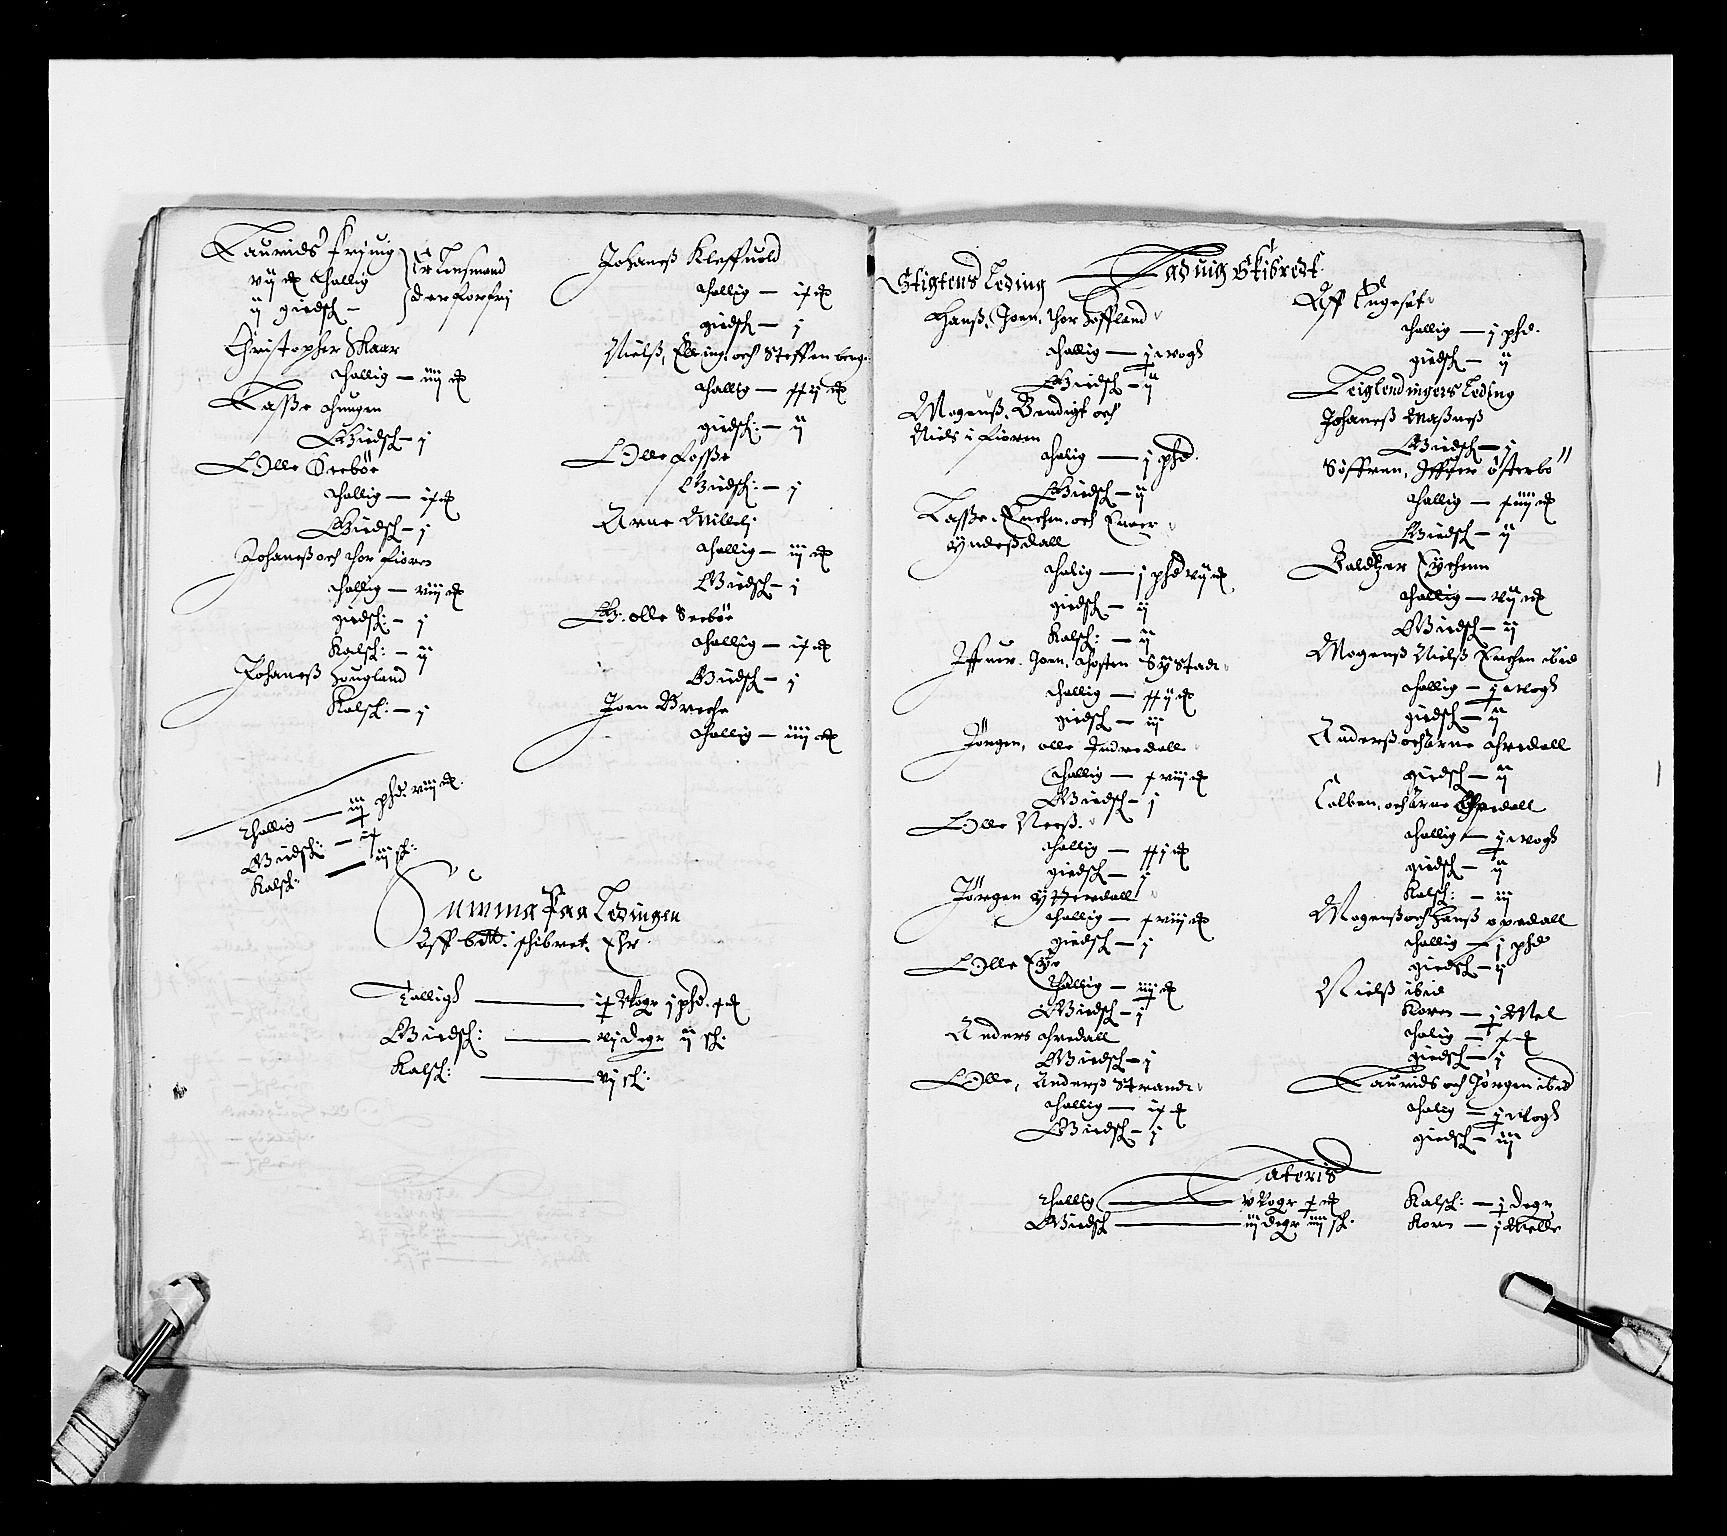 RA, Stattholderembetet 1572-1771, Ek/L0025: Jordebøker 1633-1658:, 1645-1646, s. 134